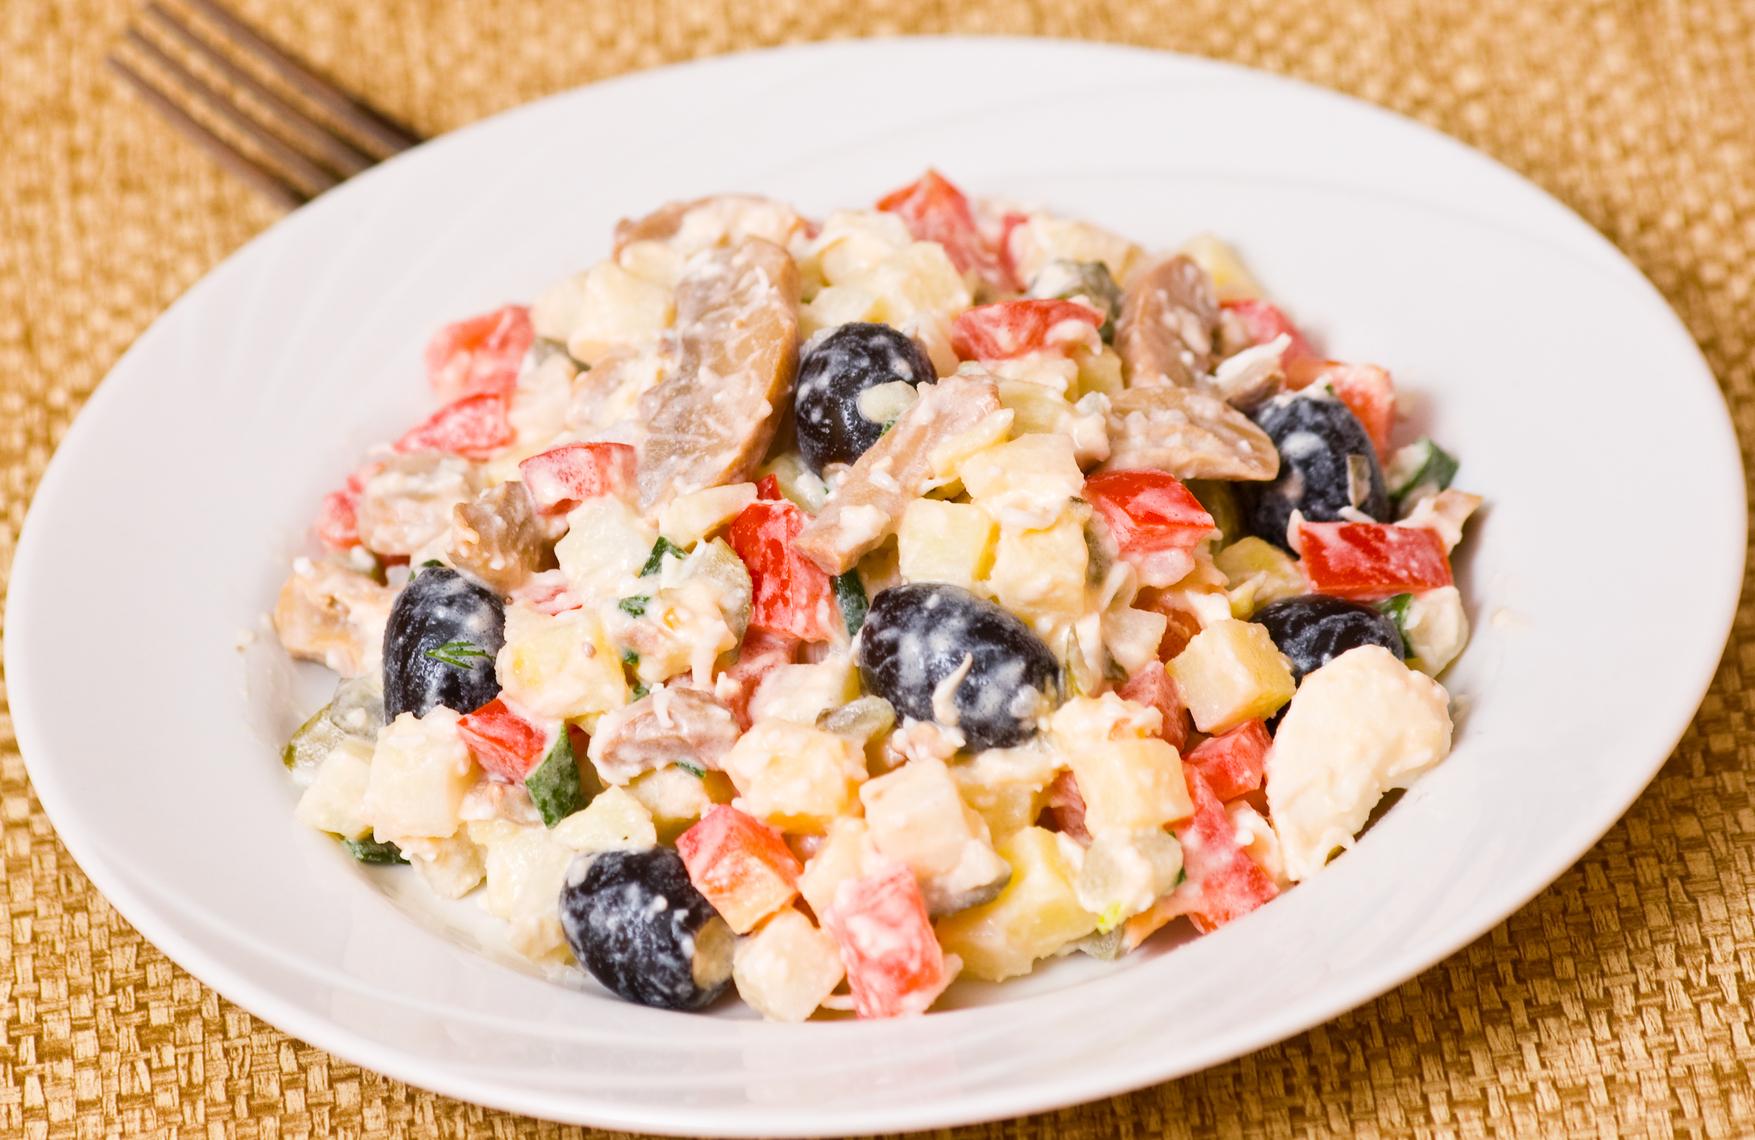 Грибы маринованные - russianfood.com